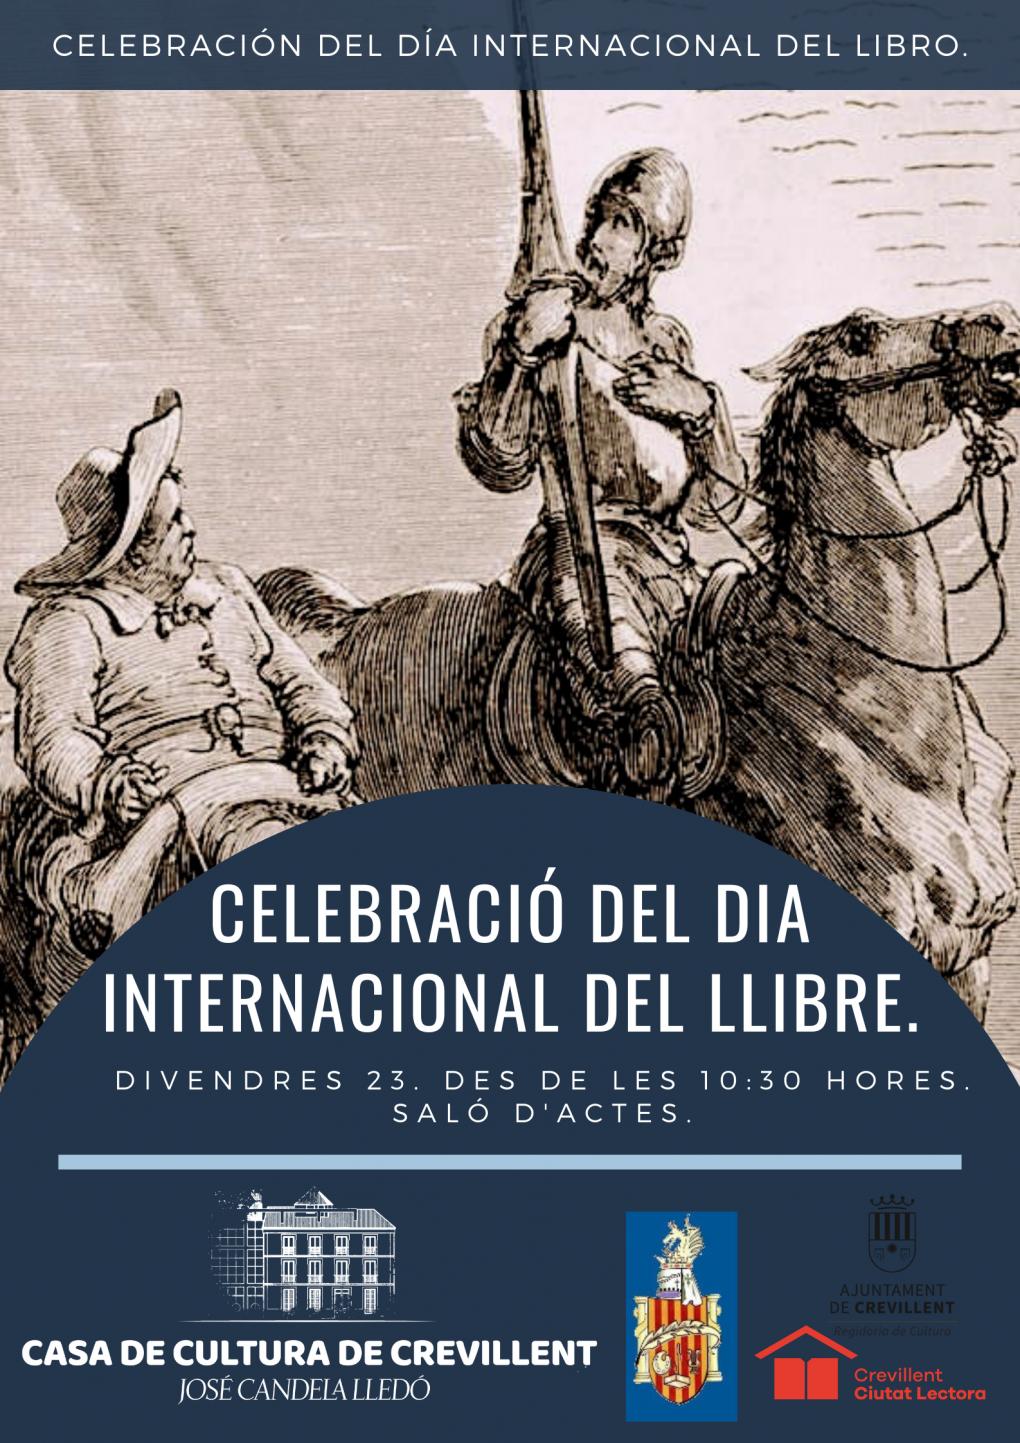 CELEBRACIÓN DEL DÍA INTERNACIONAL DEL LIBRO.